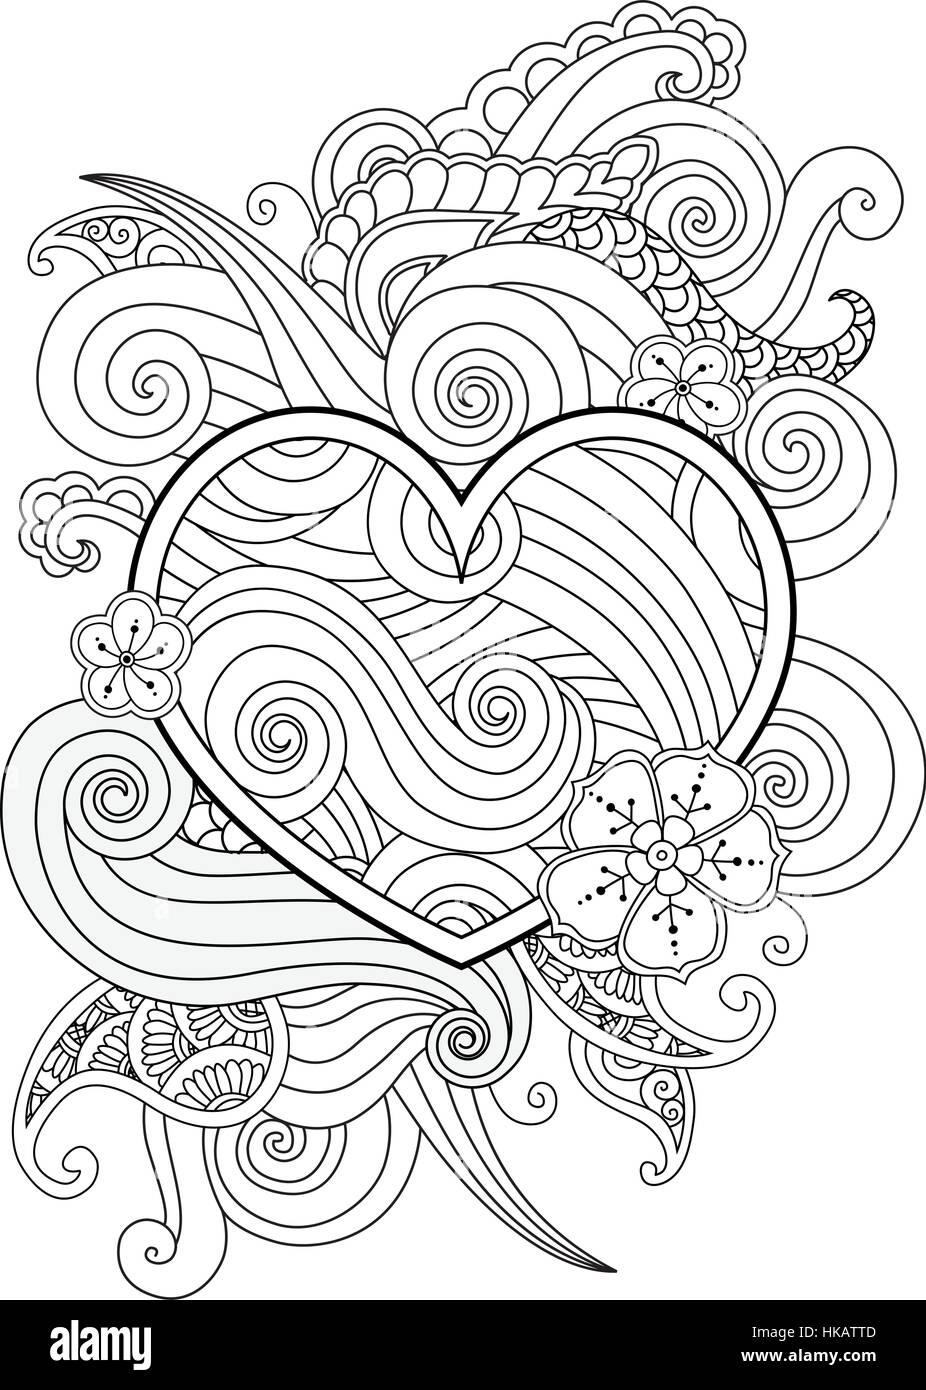 Malvorlagen mit Herz und abstrakte Element isoliert. Happy ...